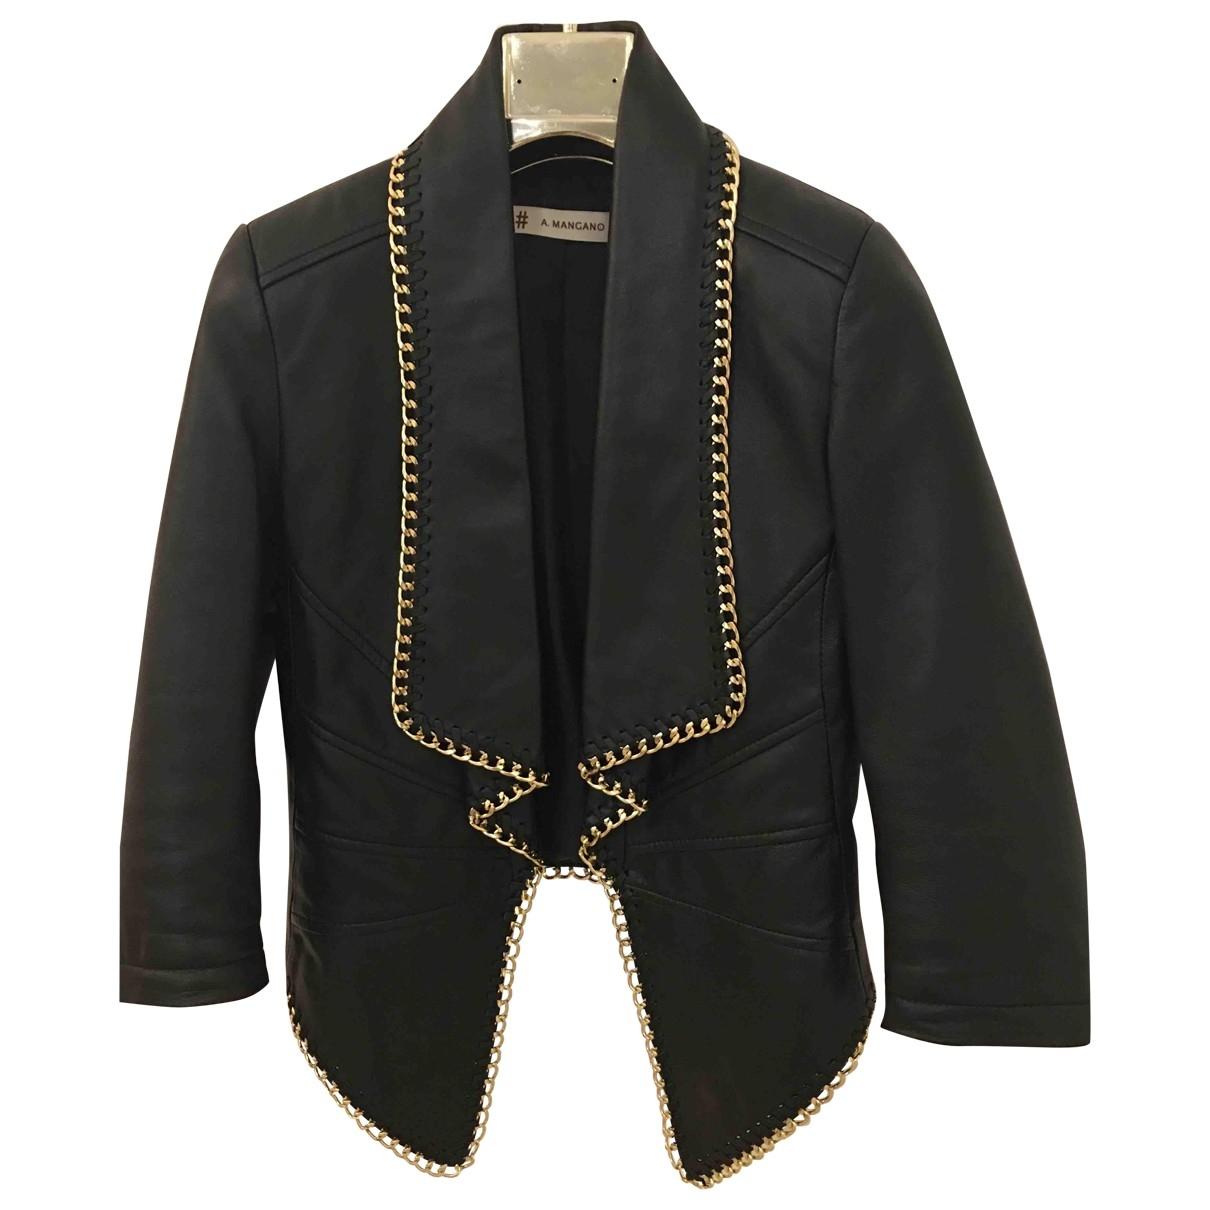 Mangano - Veste   pour femme en cuir - noir